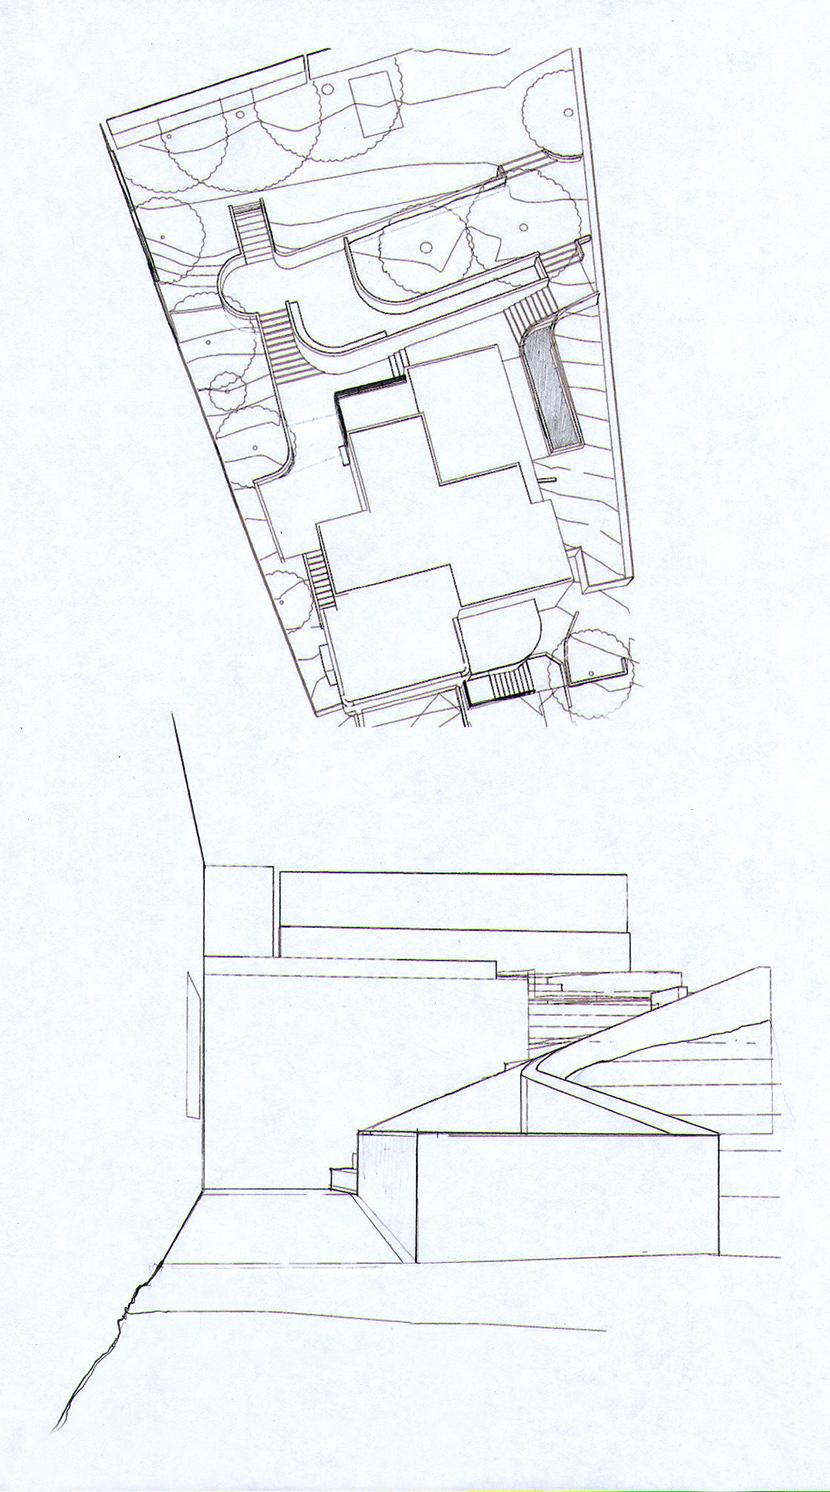 Oakland Art Deco_Barensfeld sketch 4